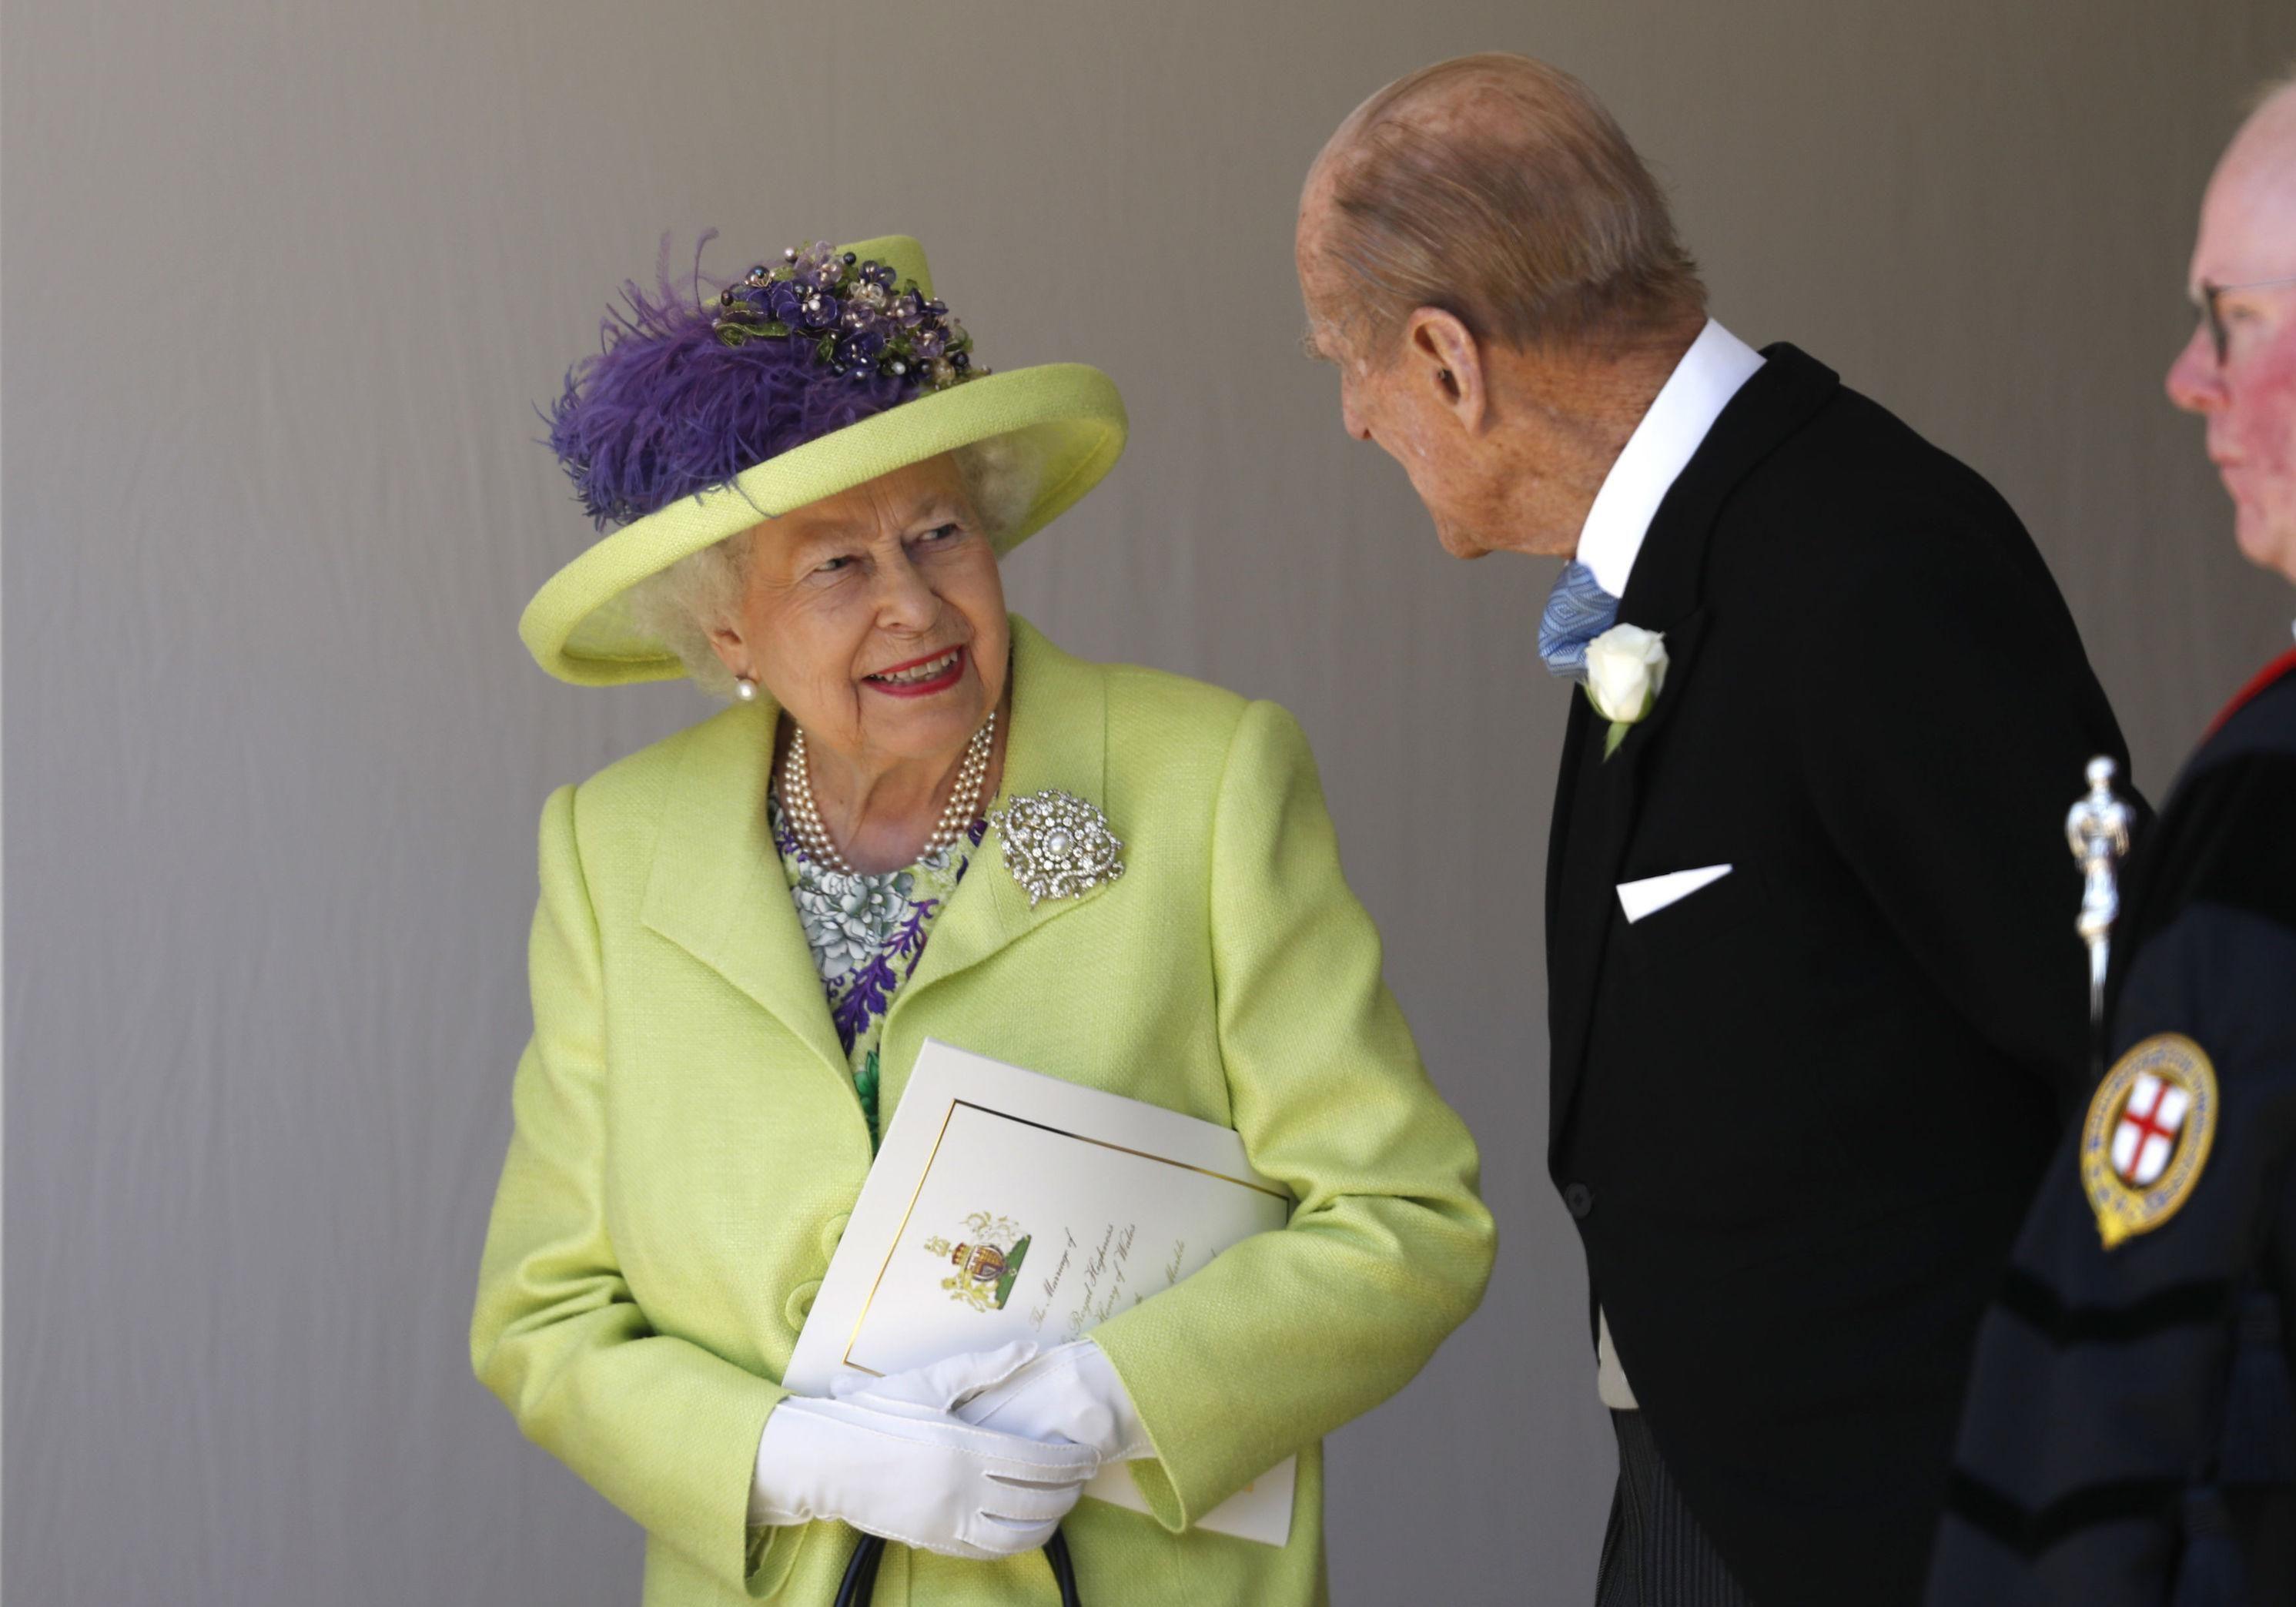 Mariage du prince Harry et Meghan Markle  la reine Élizabeth II très  élégante pour le